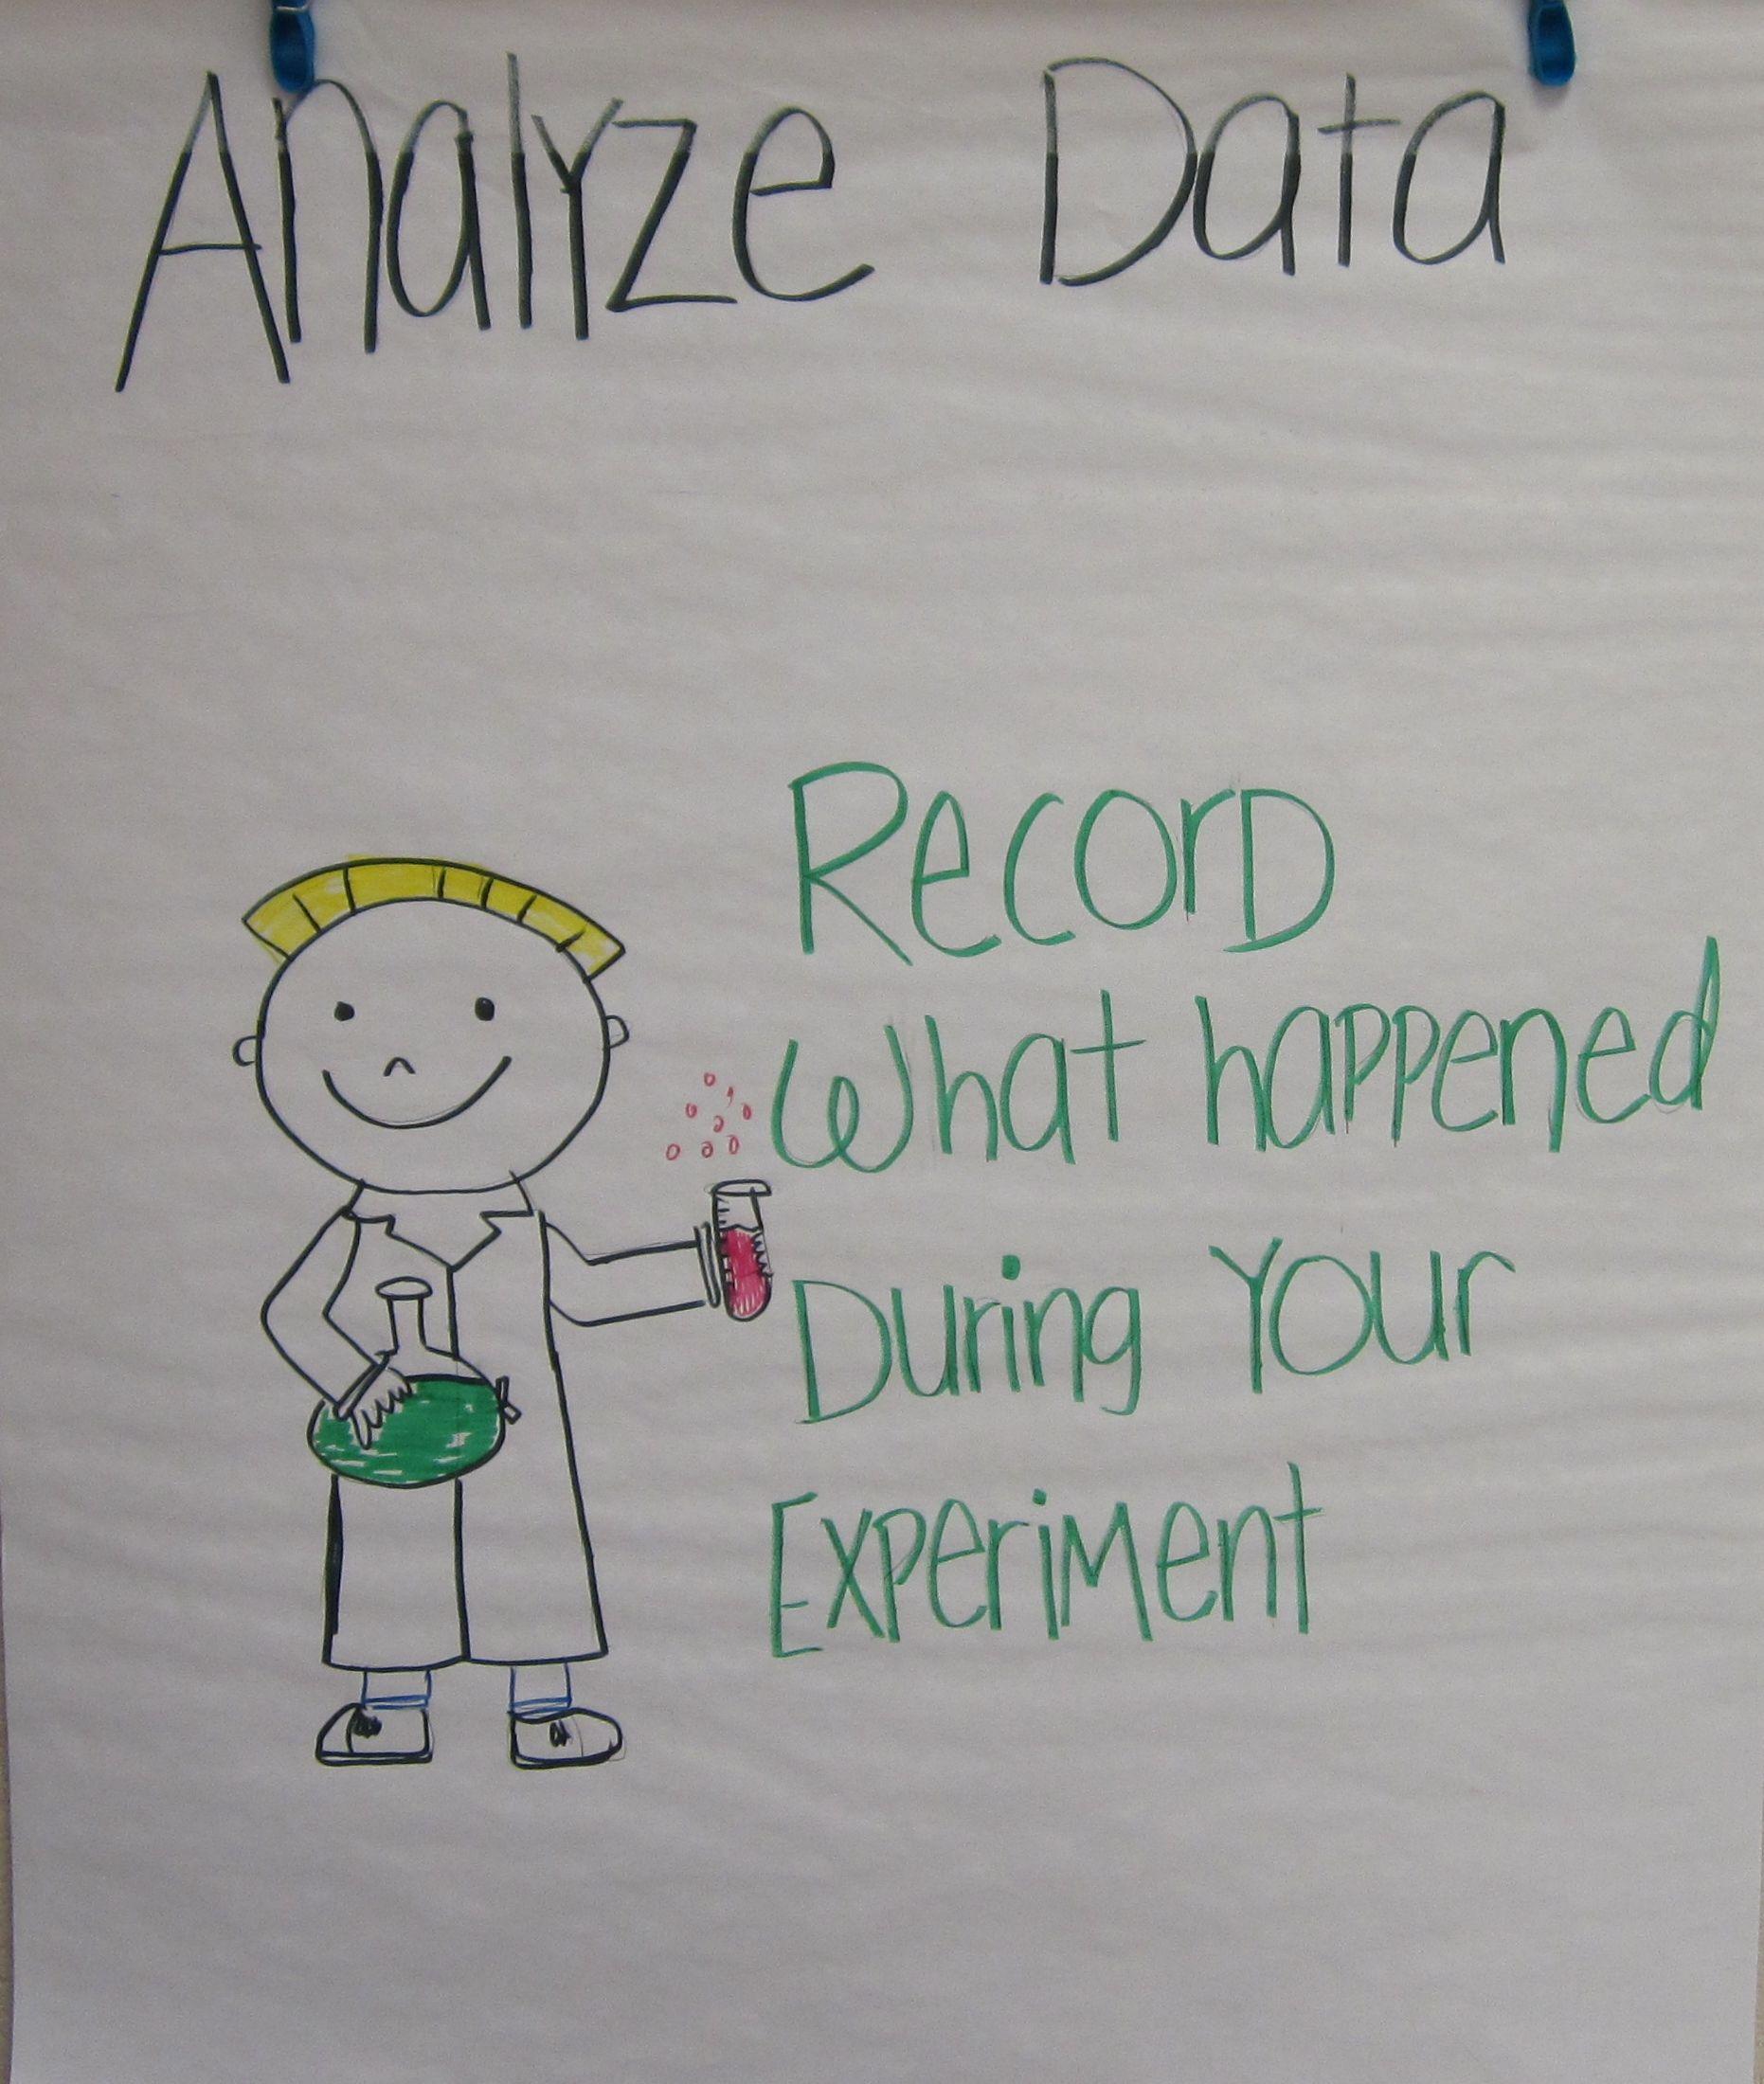 Scientific Method anchor chartAnalyze Data Kindergarten